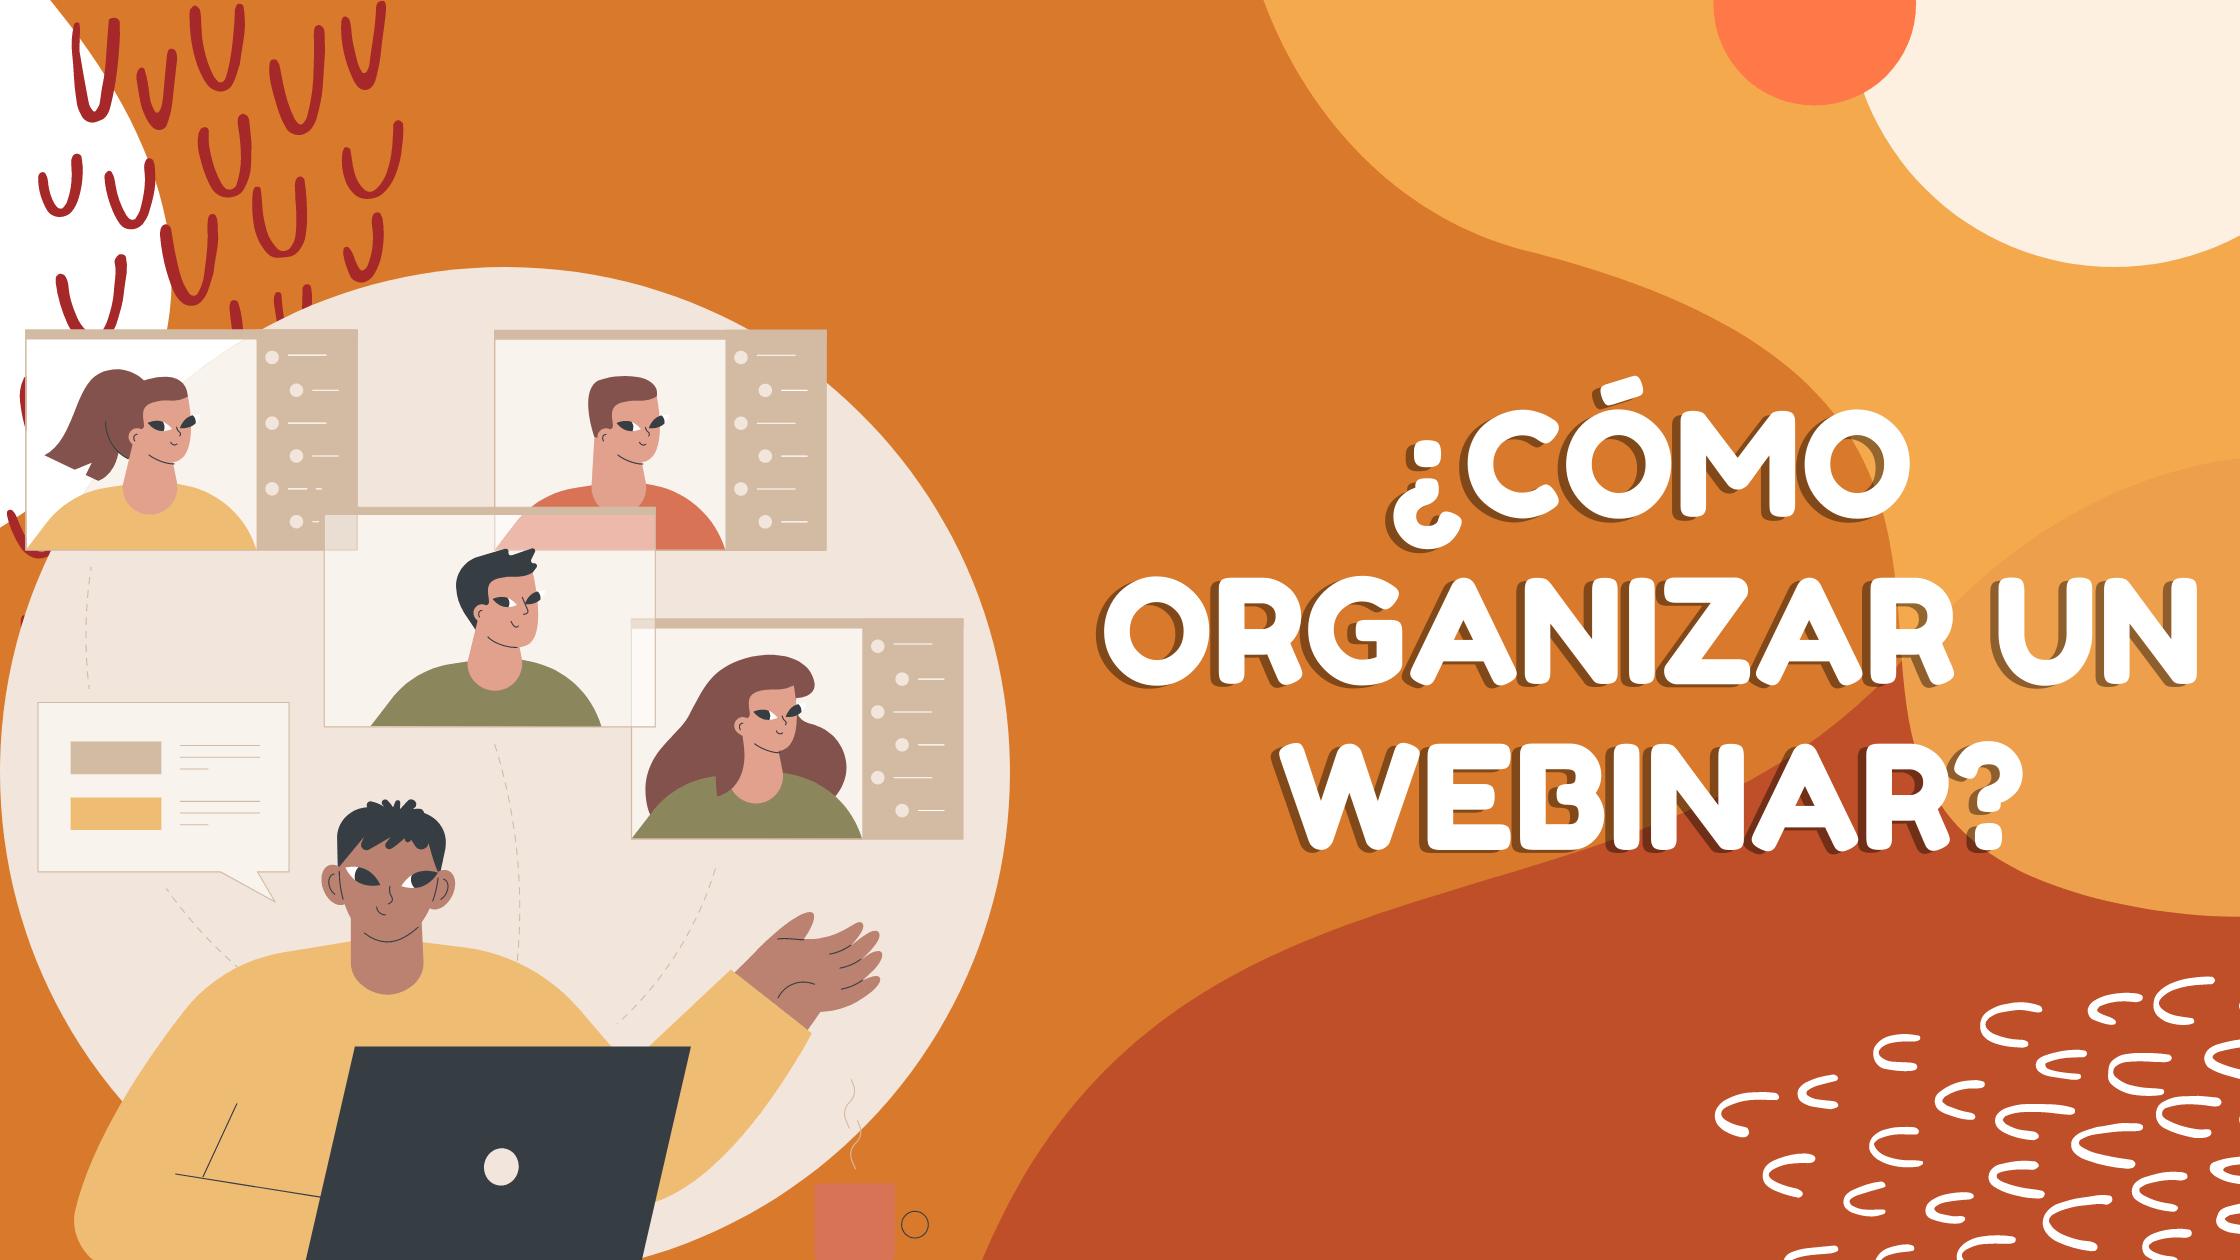 ¿Cómo organizar un webinar?